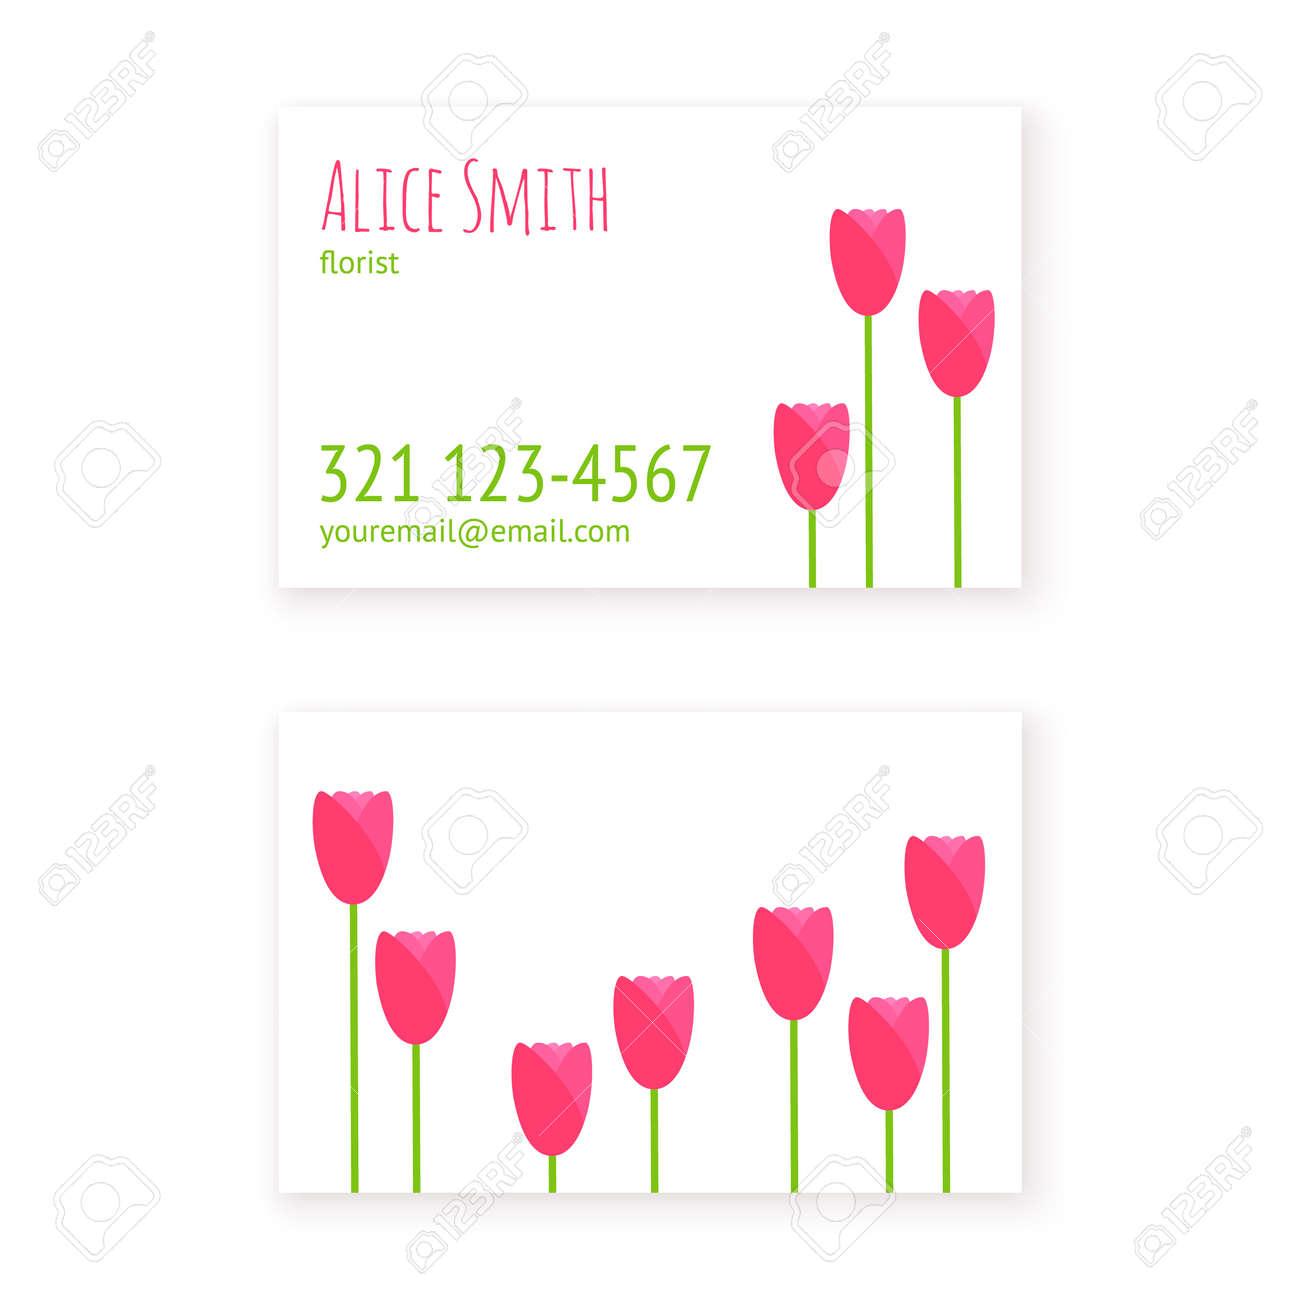 Plat Modele De Conception Cartes Visite Fleuriste Ou Magasin Fleurs Salon Beaute Spa Avec Des Tulipes Simples La Mise En Page